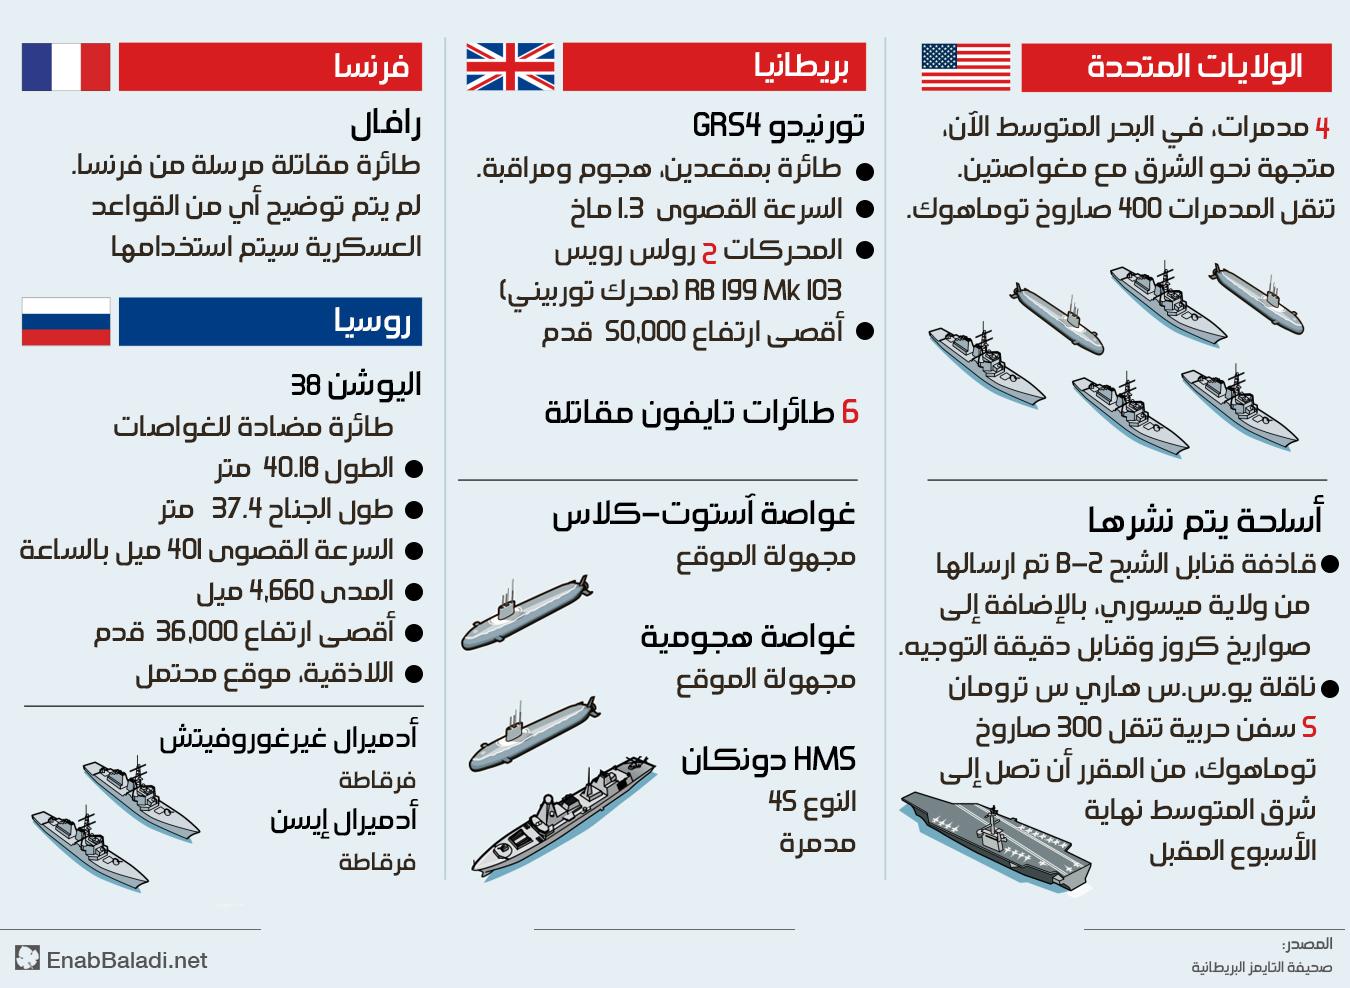 انفوغراف يظهر الأسلحة التي توجهت إلى سواحل سوريا (التايمز - ترجمة عنب بلدي)